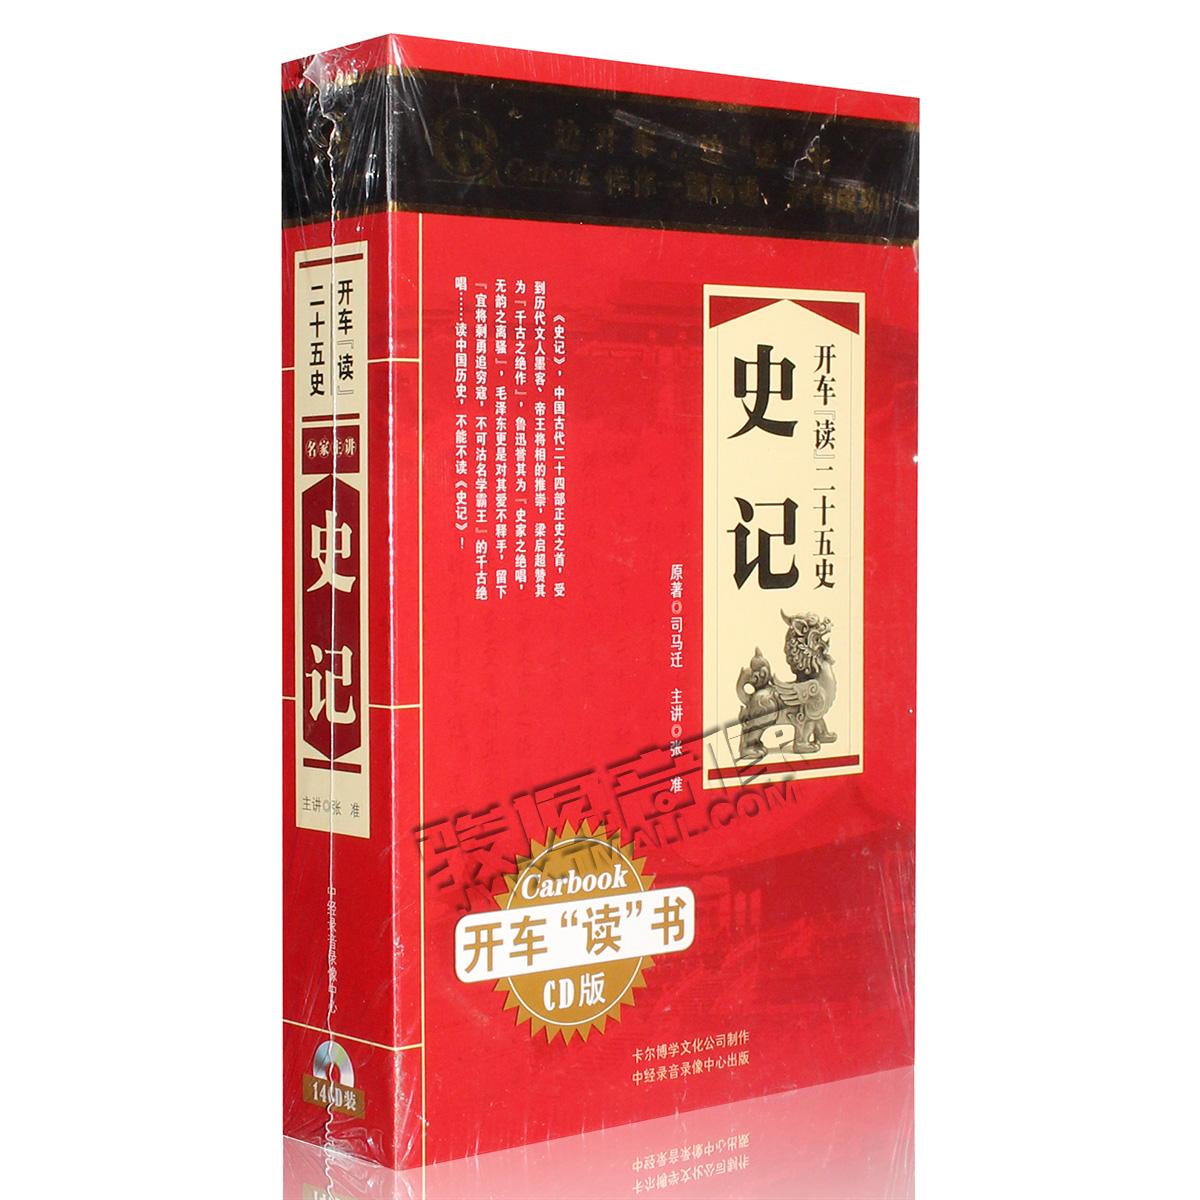 正版 开车读书学历史史记中国通史故事mp3有声读物cd光盘车载碟片